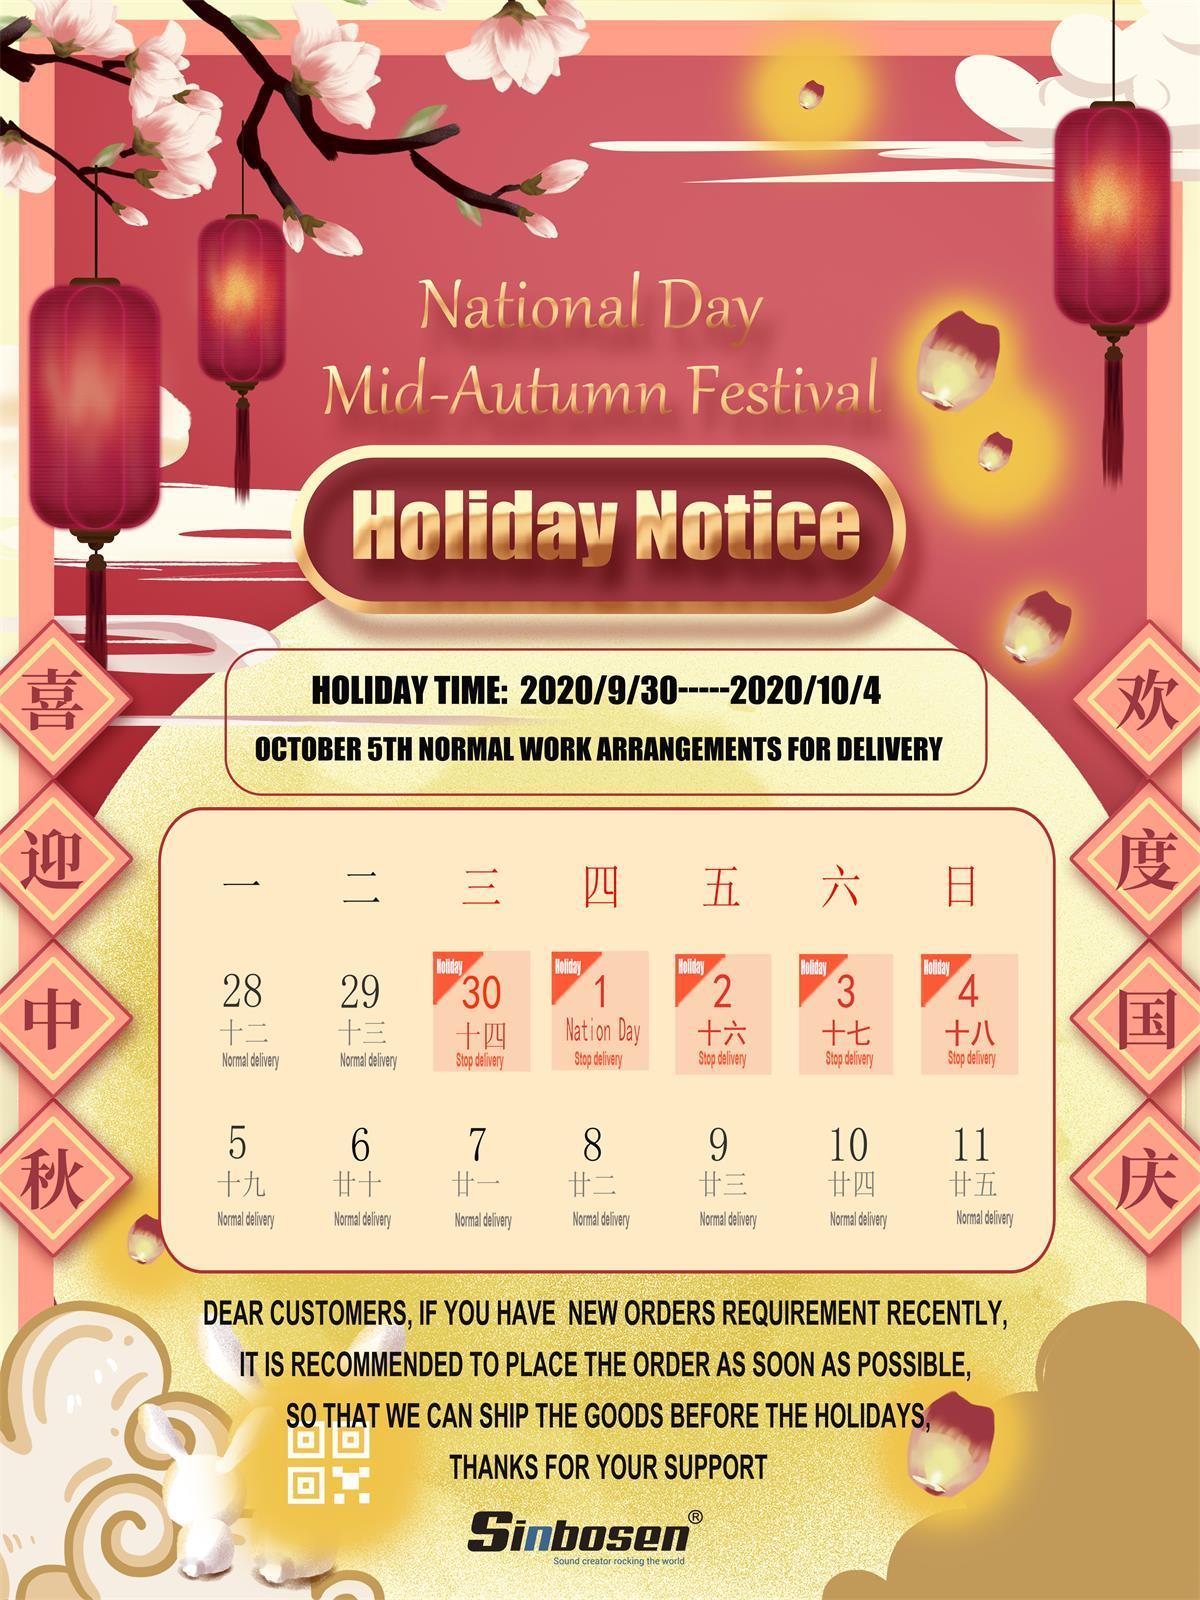 Sinbosen holiday